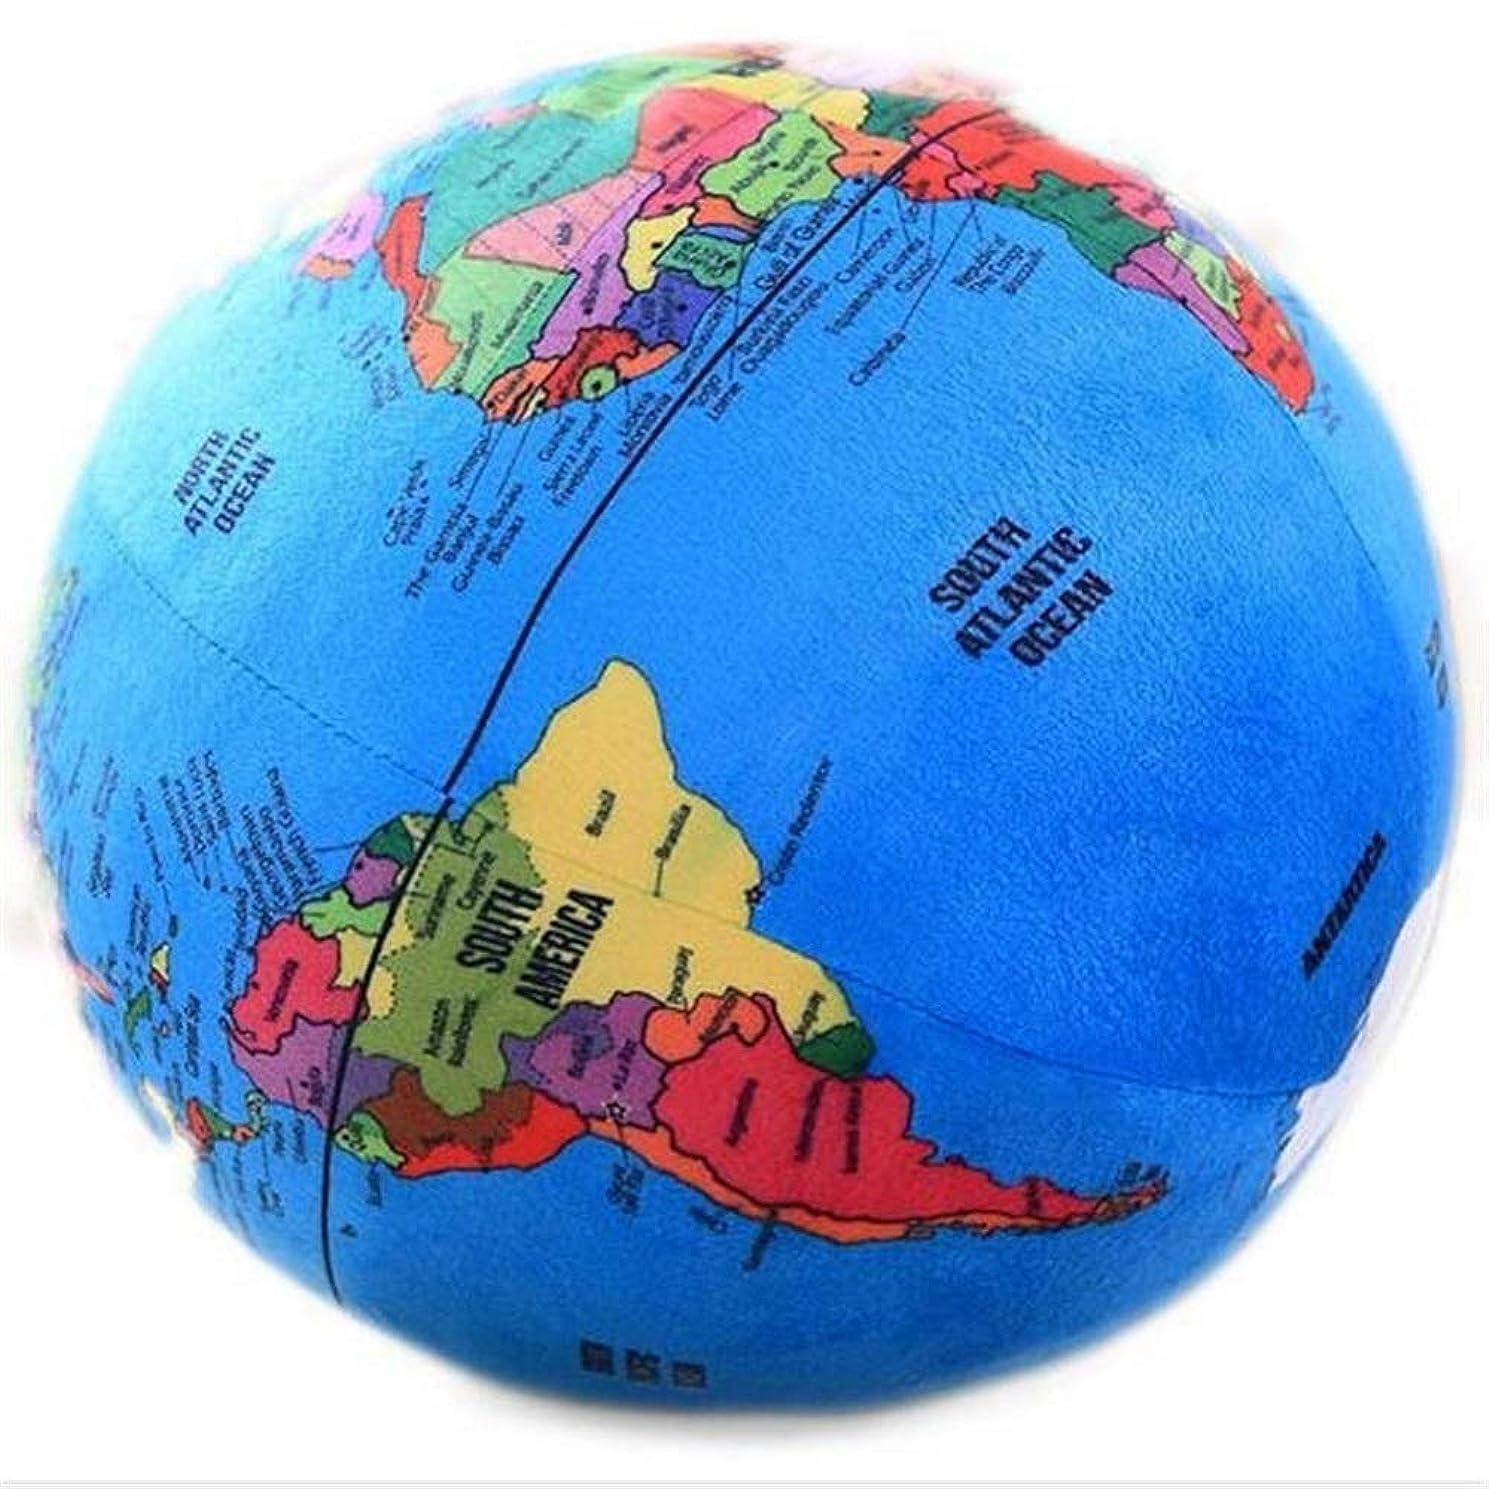 授業料半径現代SOPHY ぬいぐるみシミュレーショングローブクリエイティブぬいぐるみ地理地理知識学習ヘルパー ( Color : Multi-colored , Size : M )